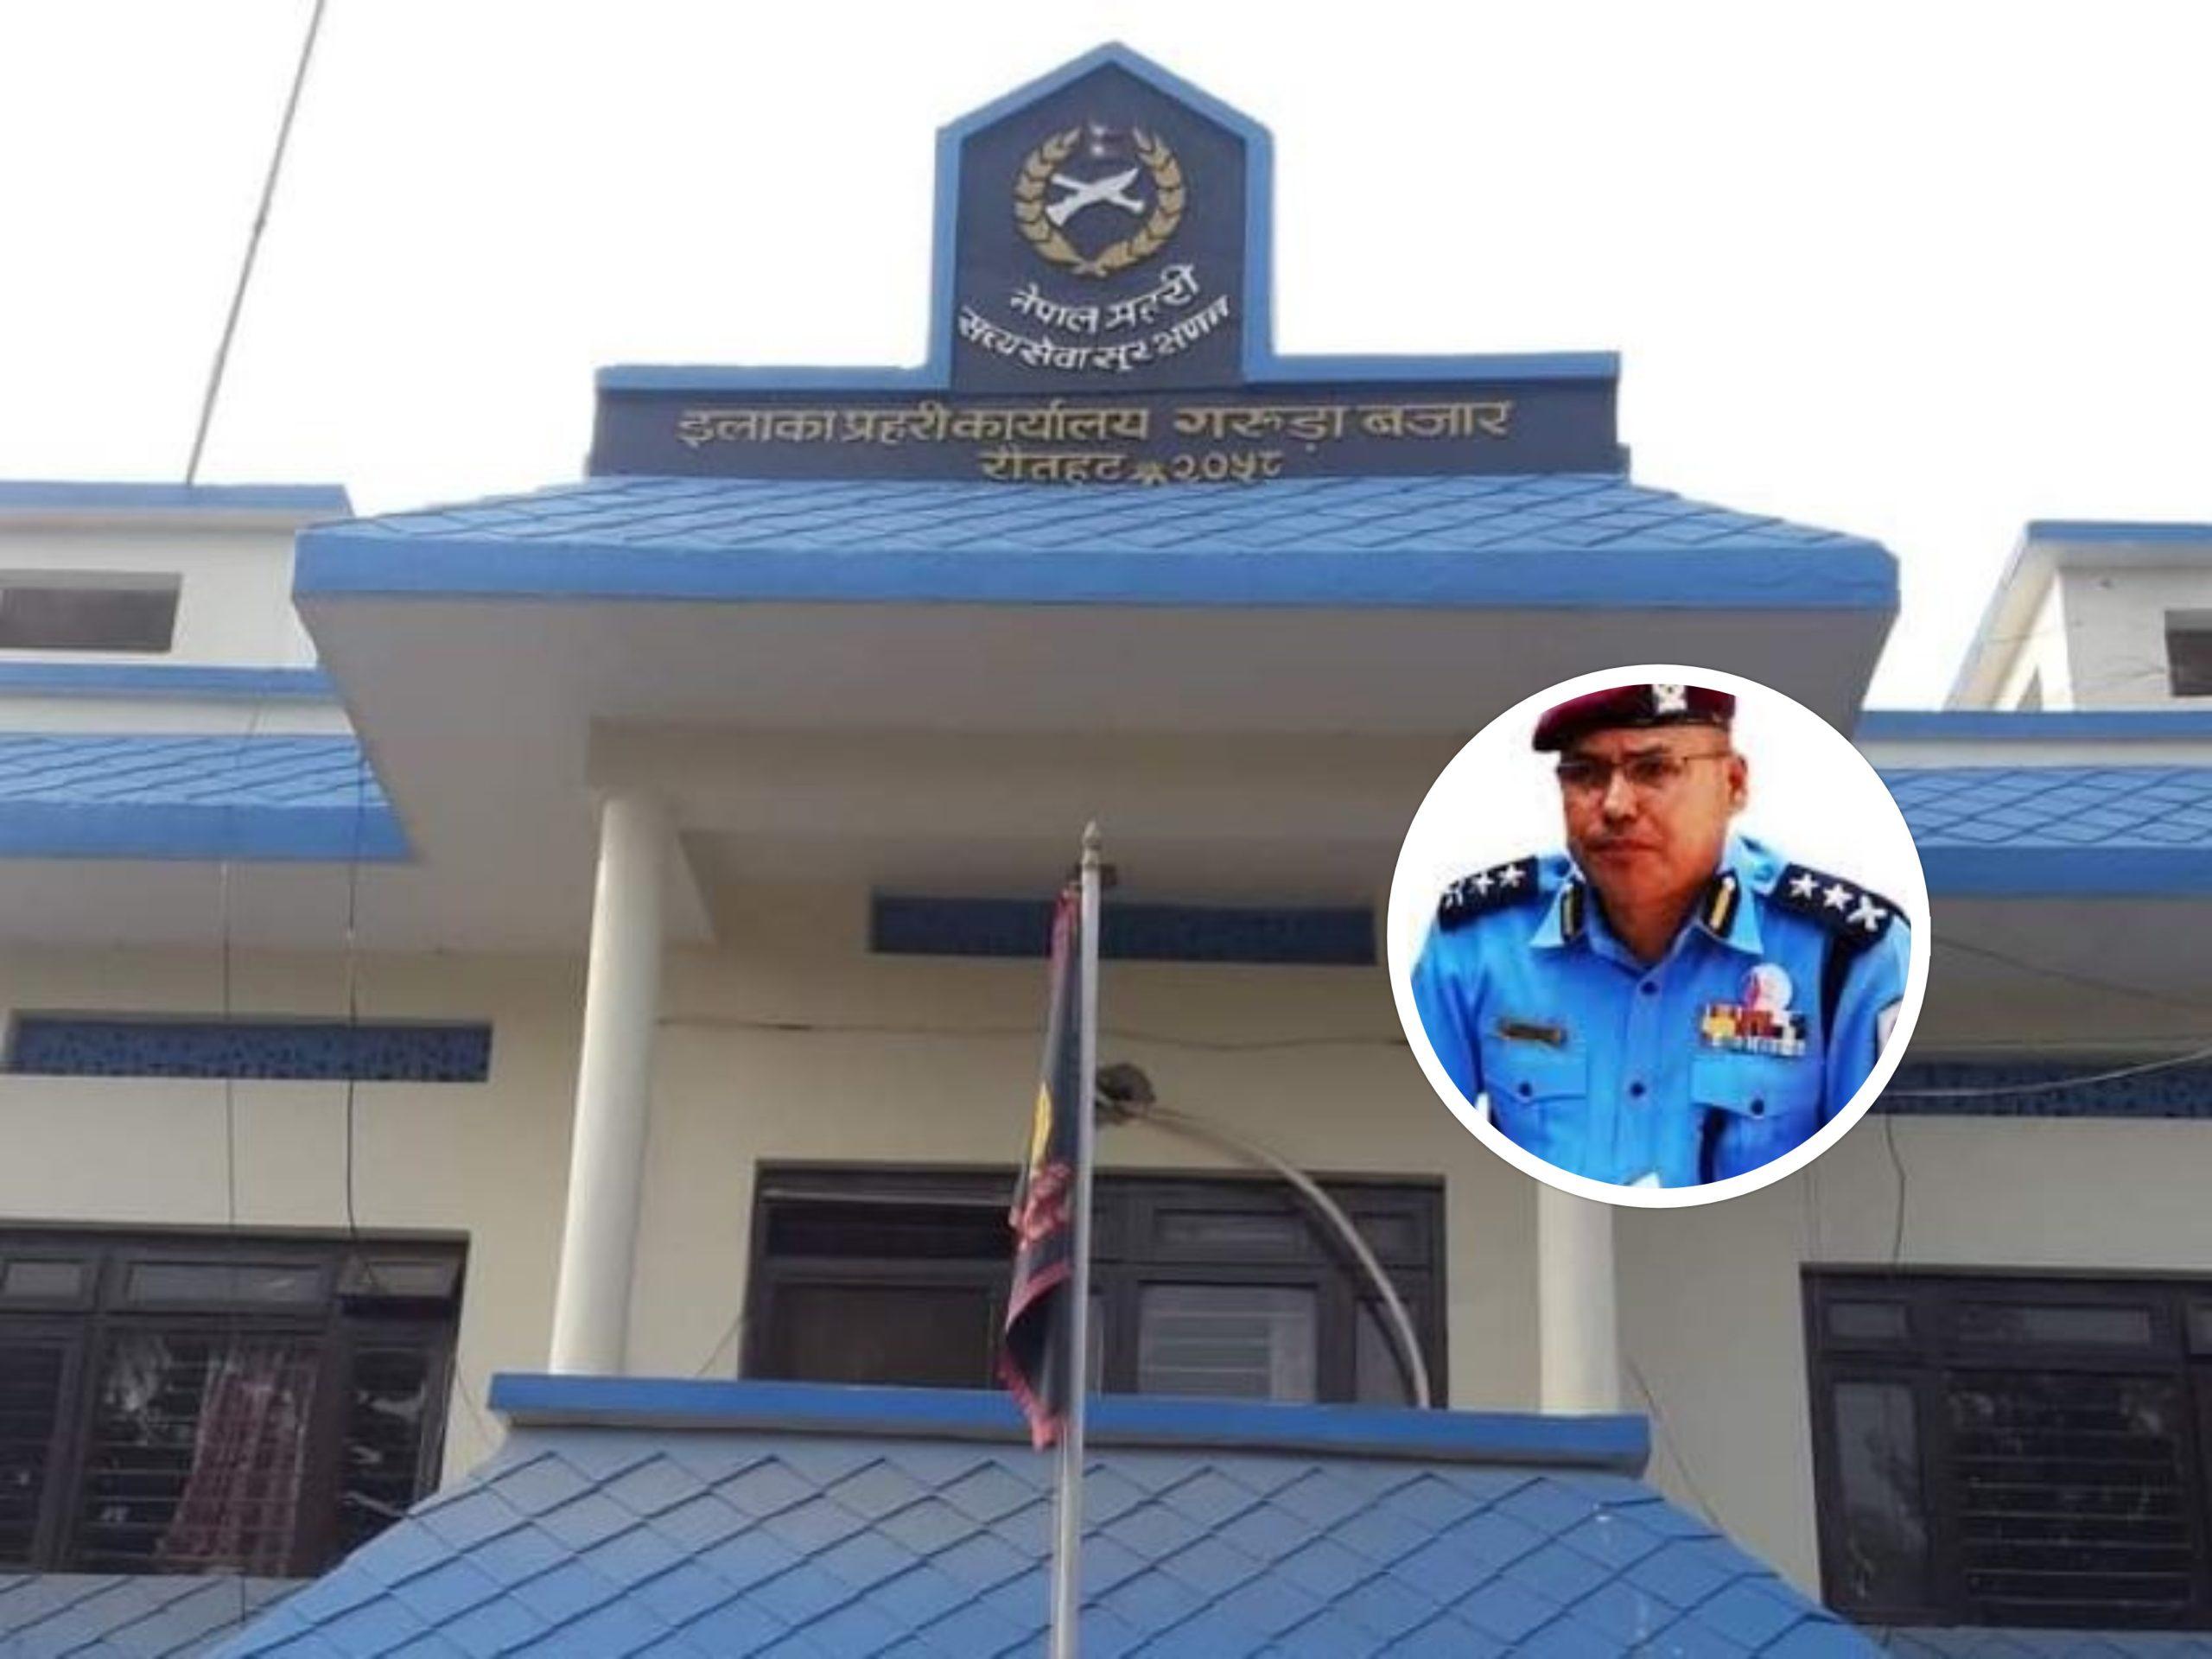 हिरासतमा मृत्यु प्रकरण : एसपी रविराज खड्कासहित ६ जनाविरुद्ध मुद्दा दर्ता